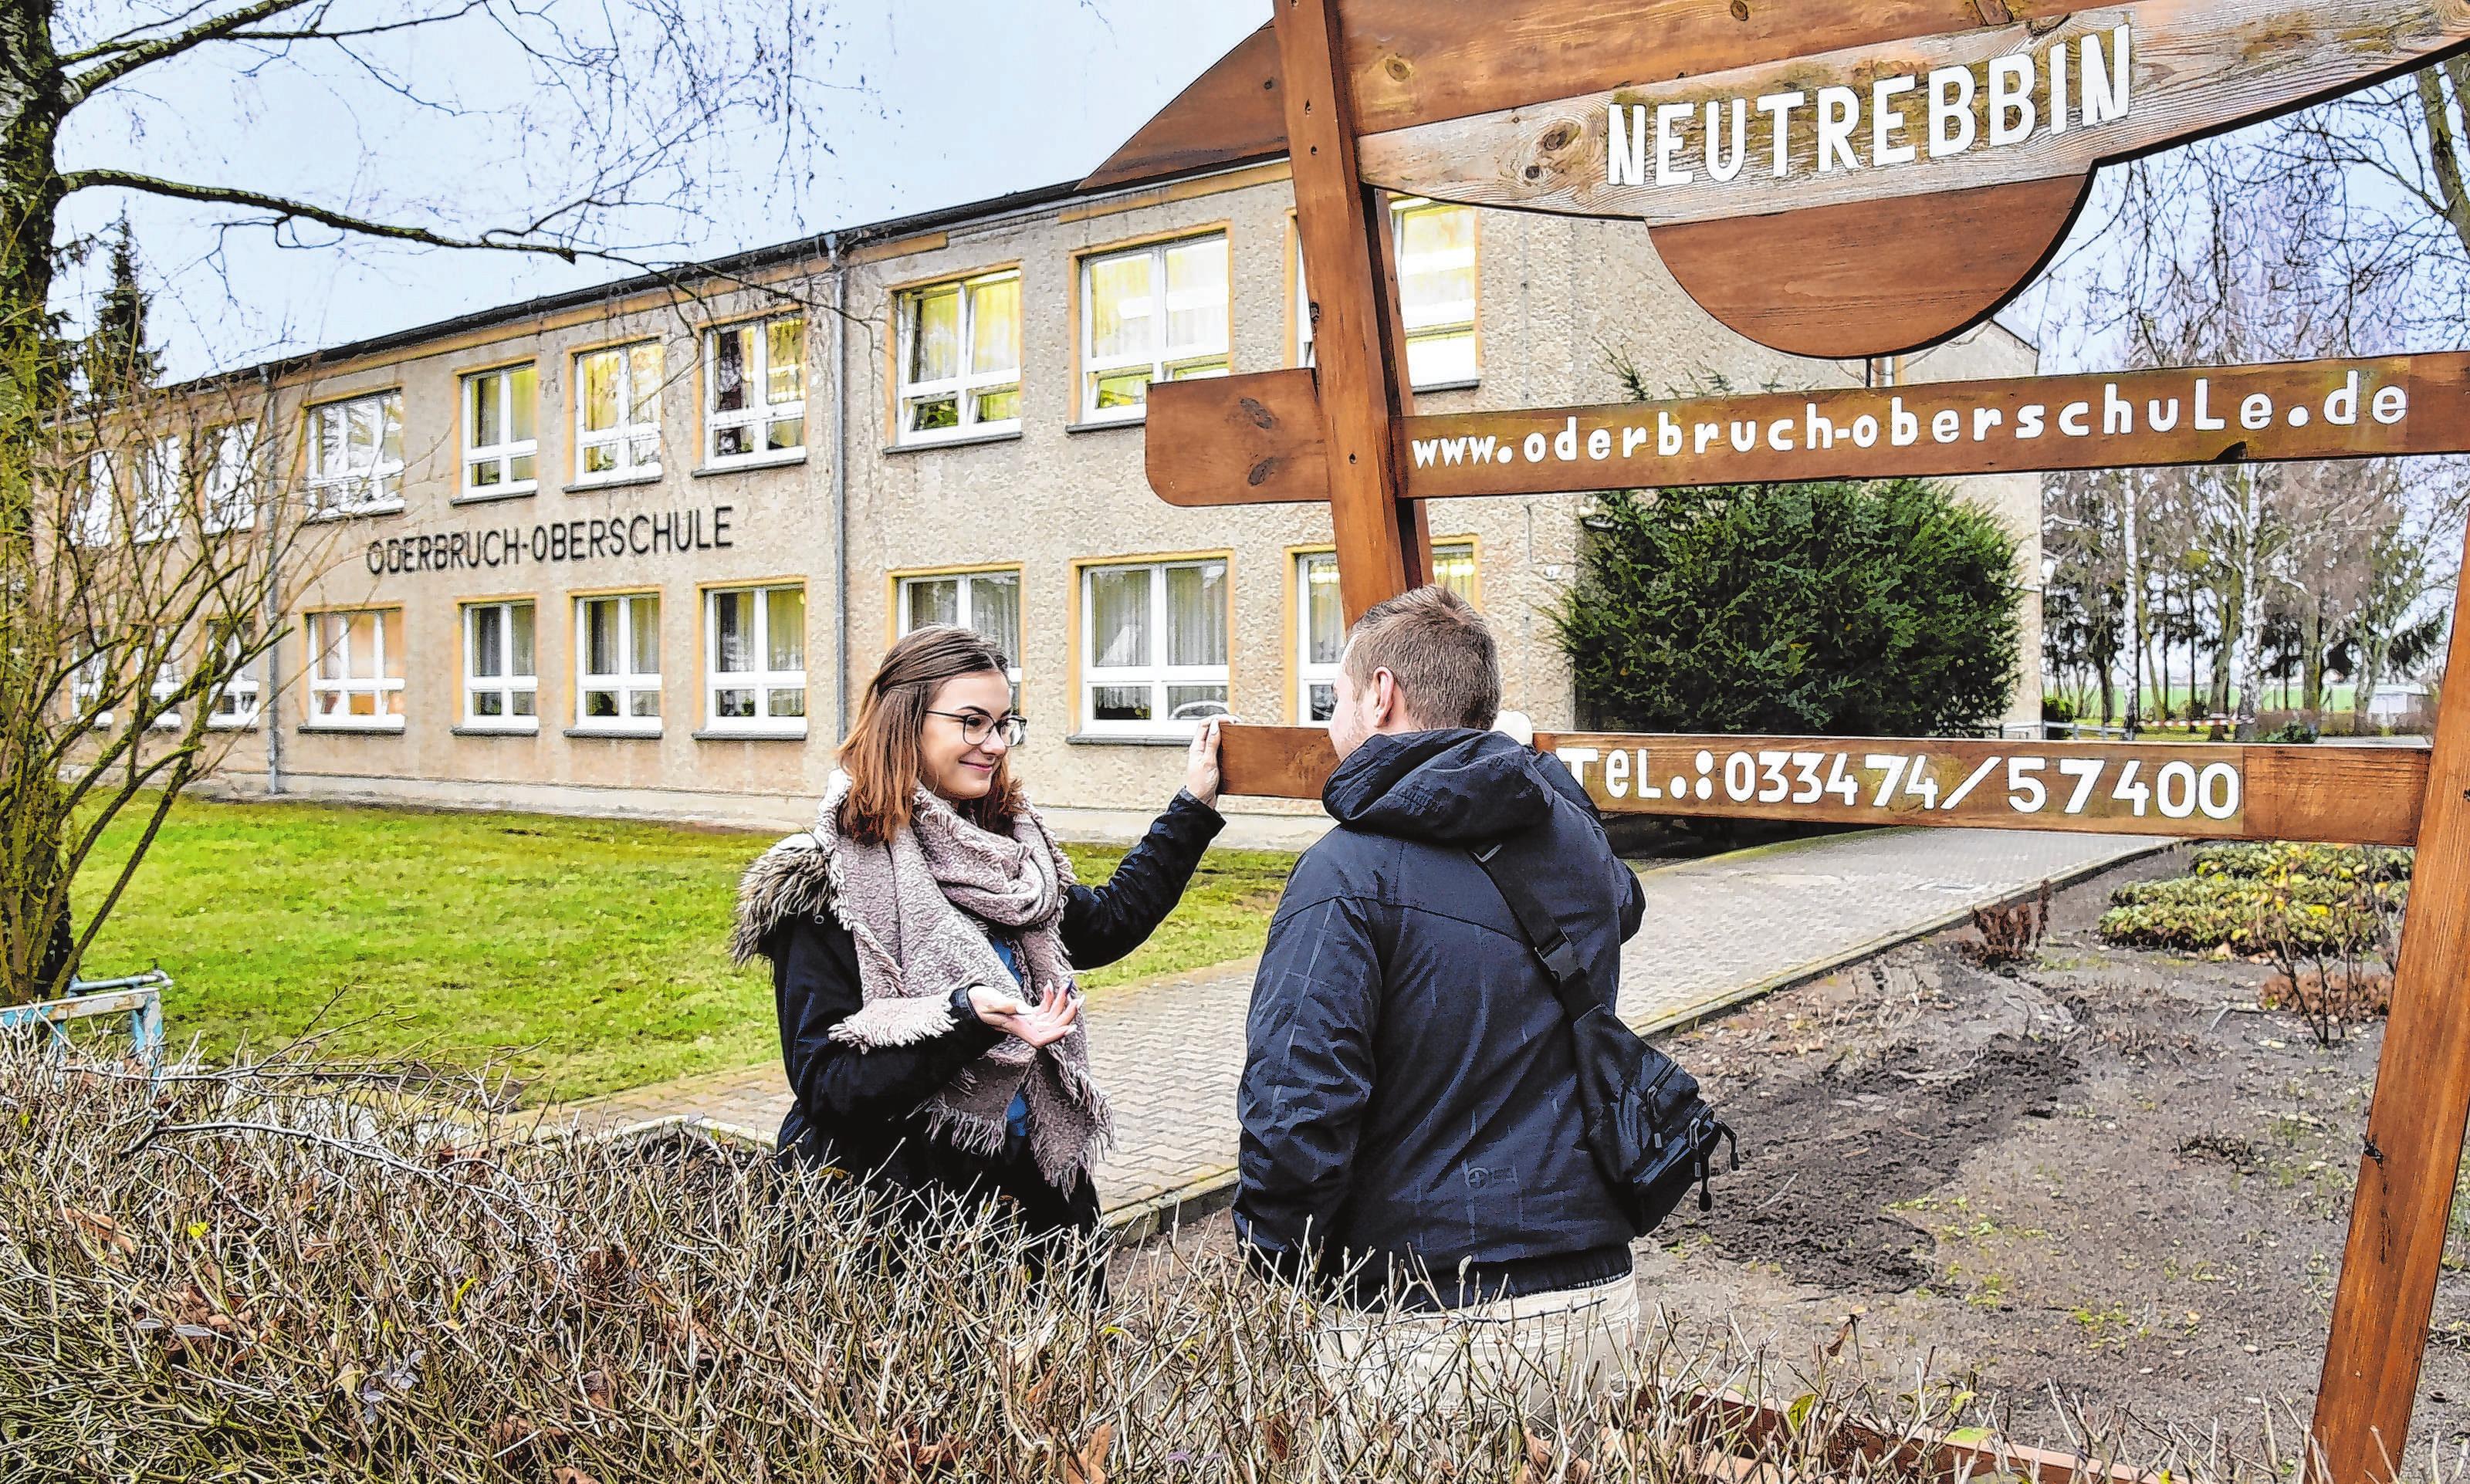 Kämpft für ihre Schule: Magdalena Behrend geht in die 10. Klasse und ist Schülersprecherin an der Oderbruch-Oberschule in Neutrebbin.